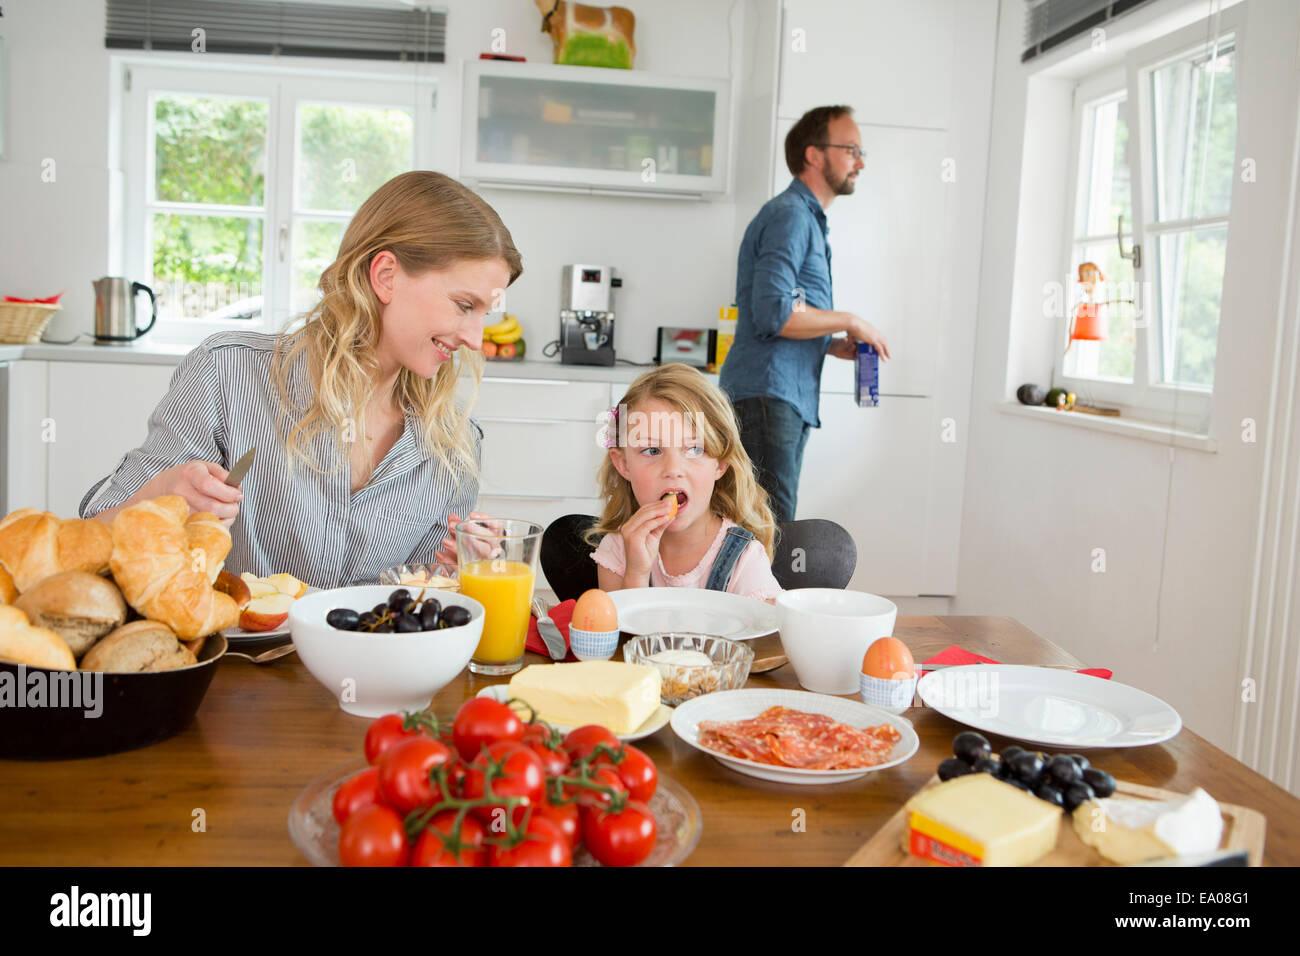 Mutter und Tochter Essen am Küchentisch Stockfoto, Bild: 74994753 ...